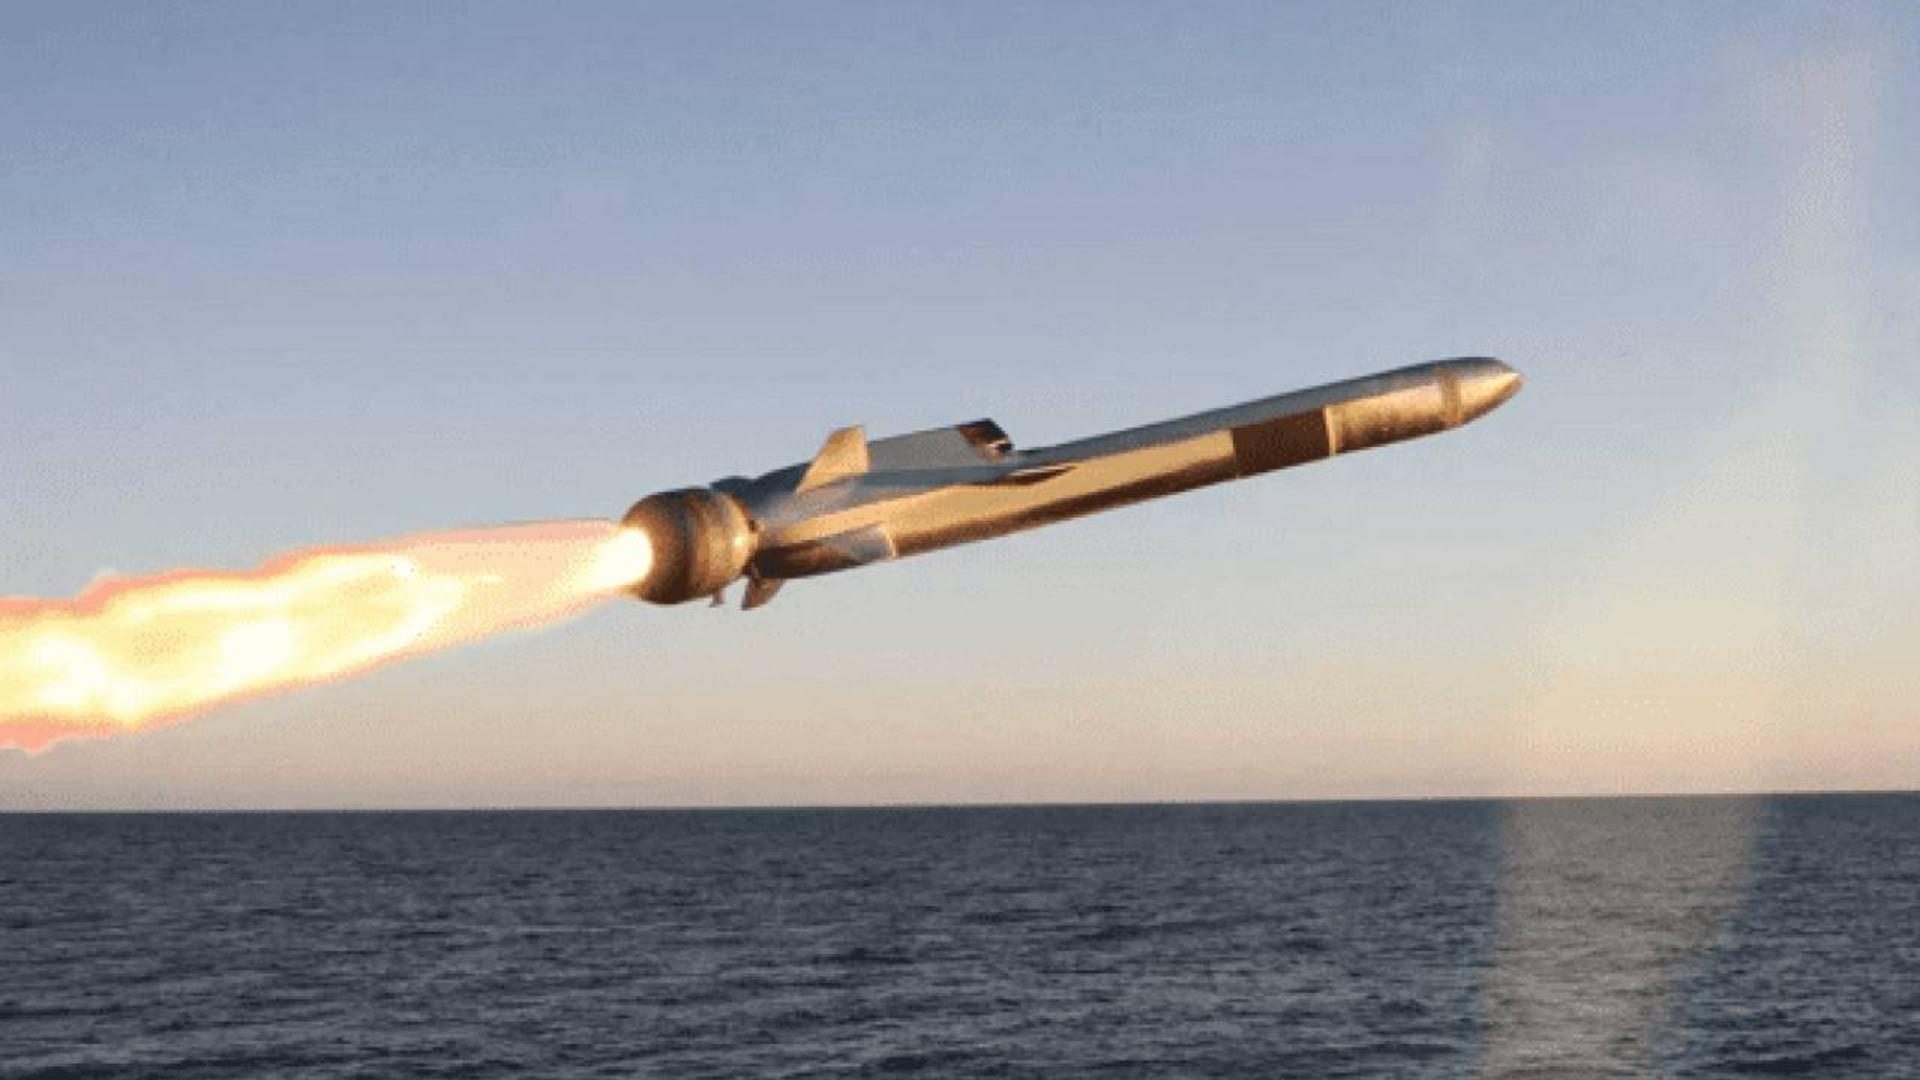 水下钻出航母杀手!俄罗斯推出潜射版锆石导弹,宙斯盾形同虚设